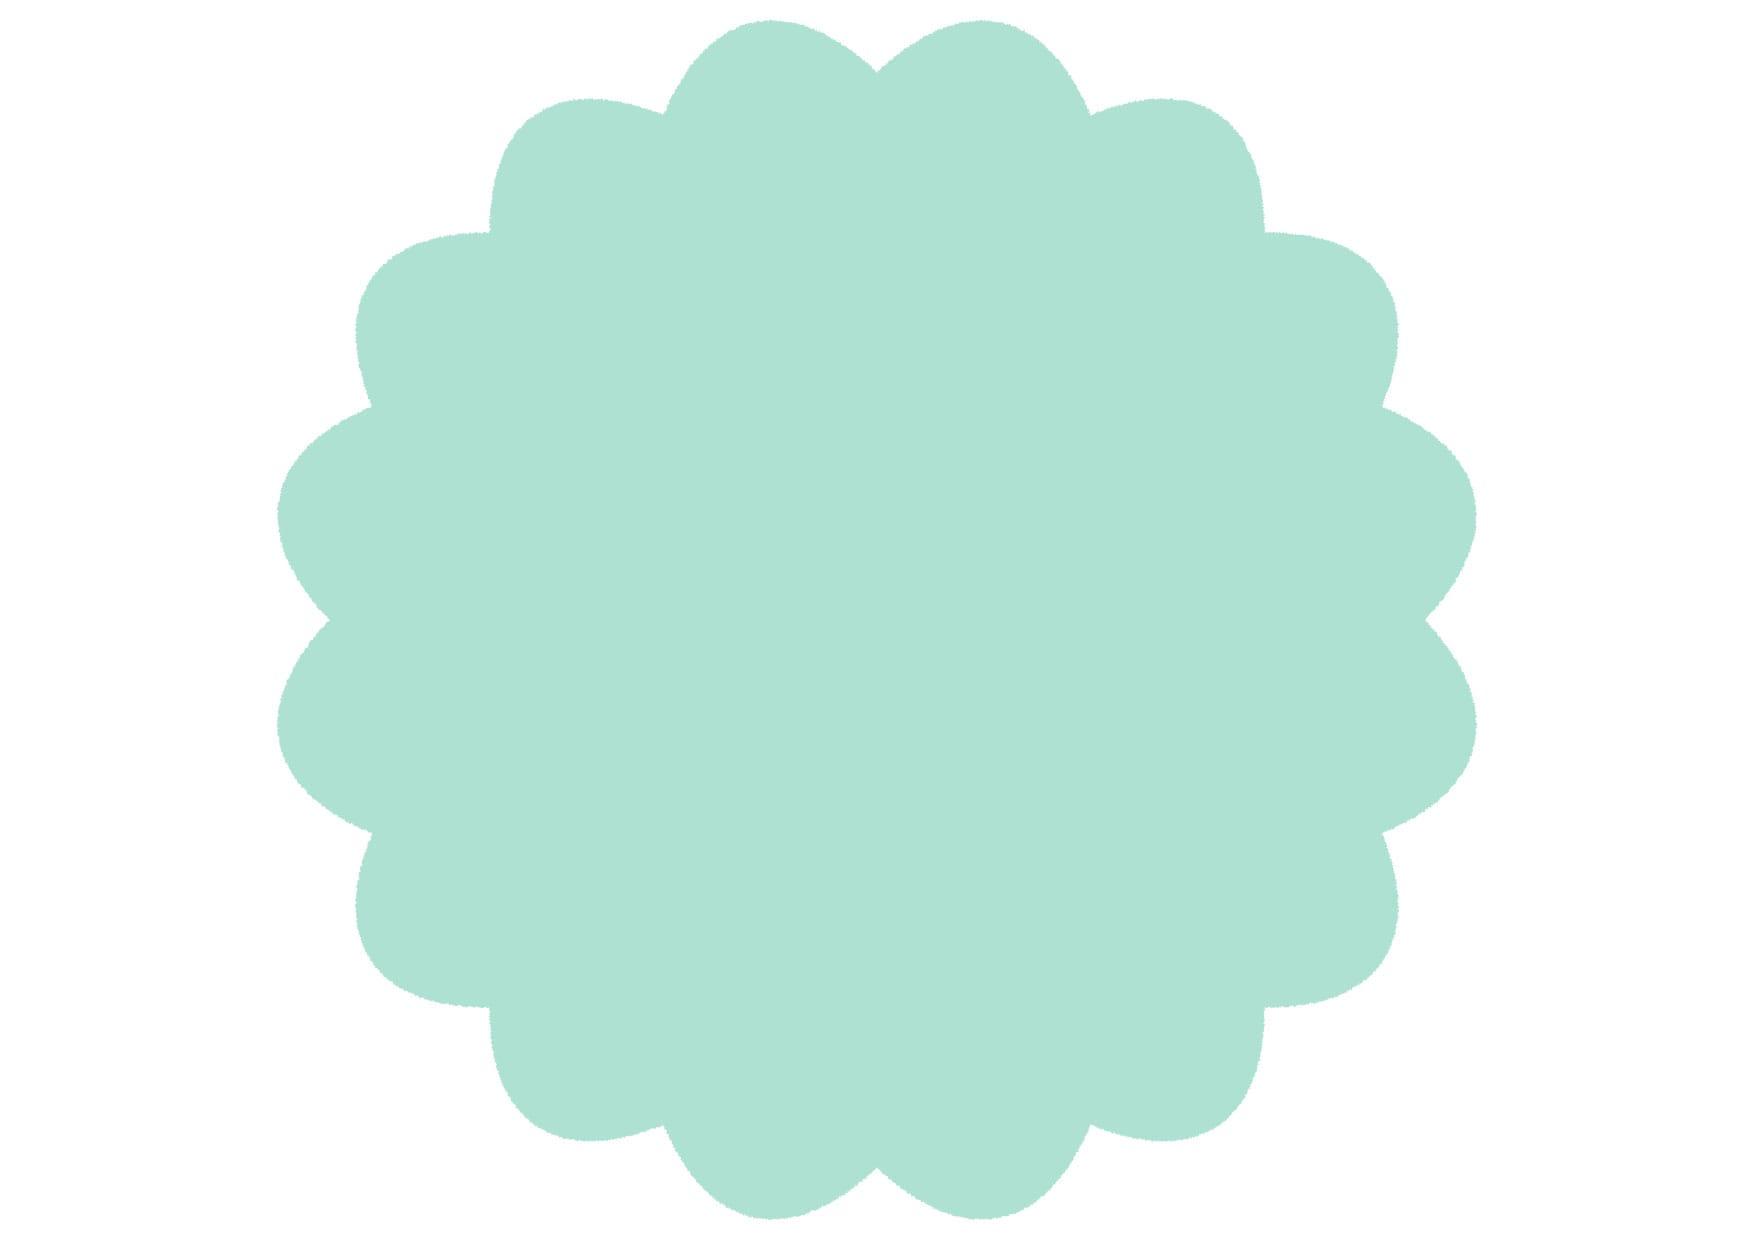 可愛いイラスト|シンプル やわらかい フレーム 緑色 − free illustration  Simple soft frame green